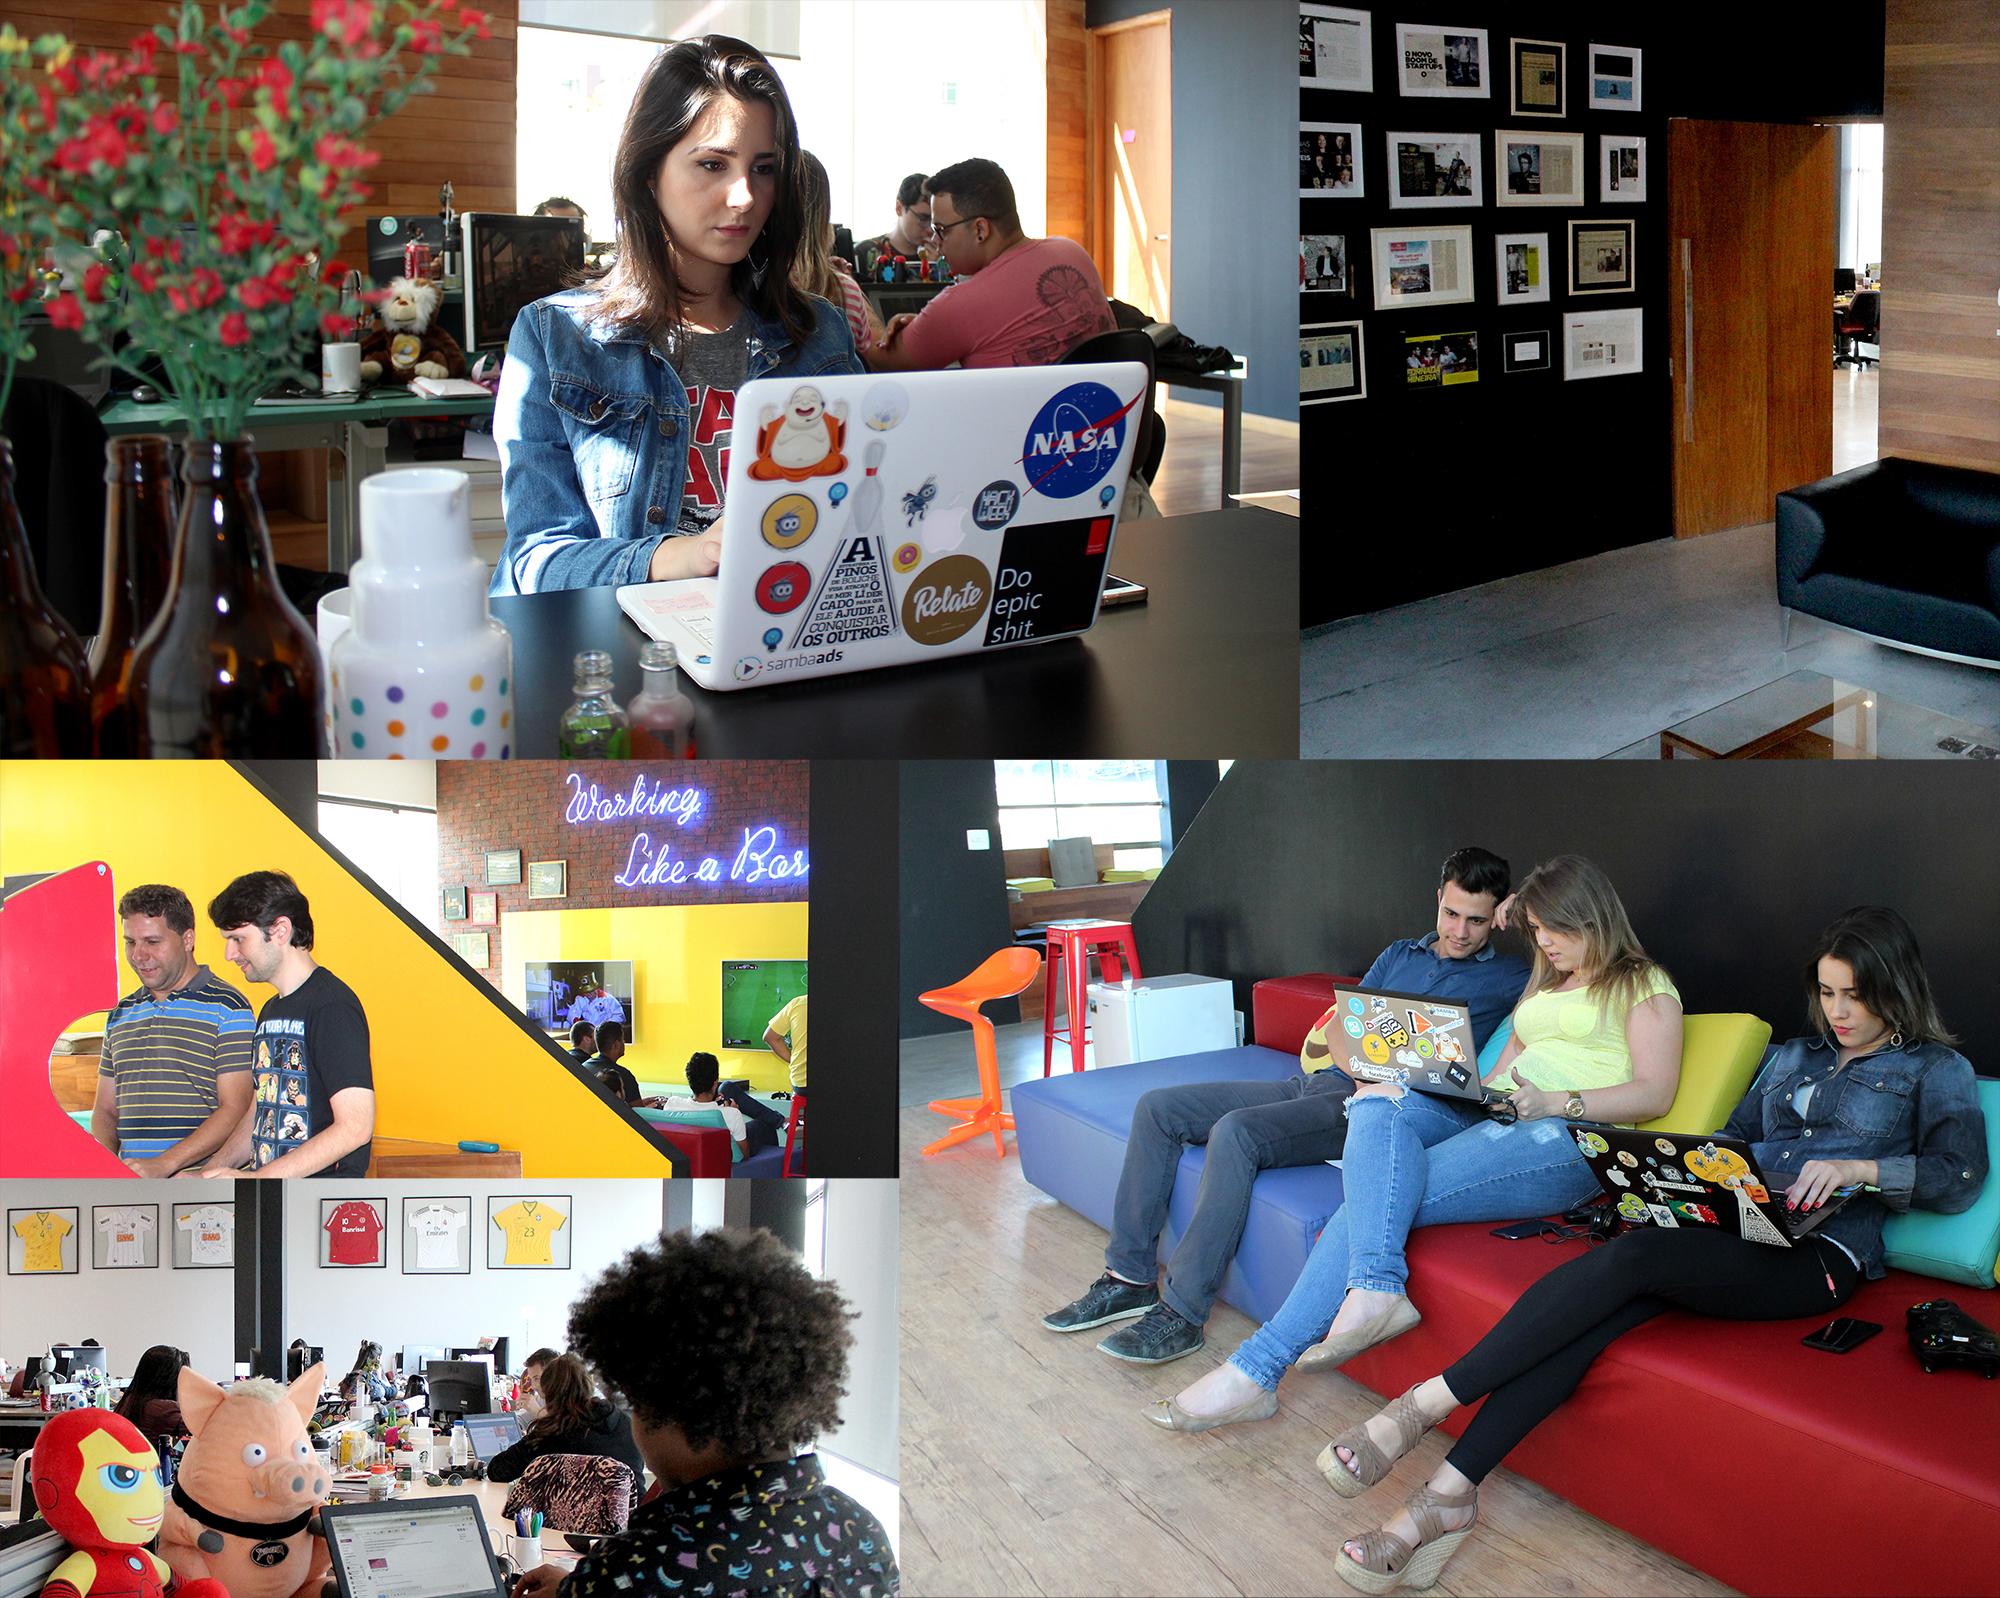 Kast office image